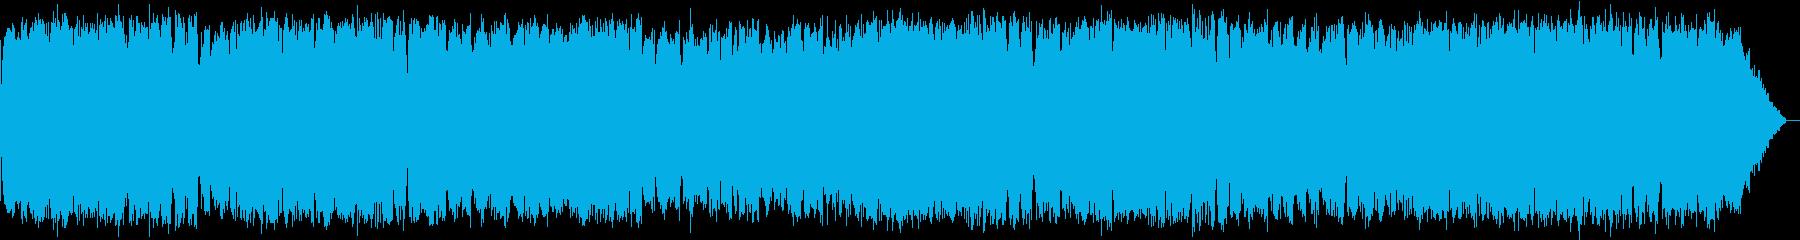 浮遊感のある竹笛のヒーリング音楽の再生済みの波形